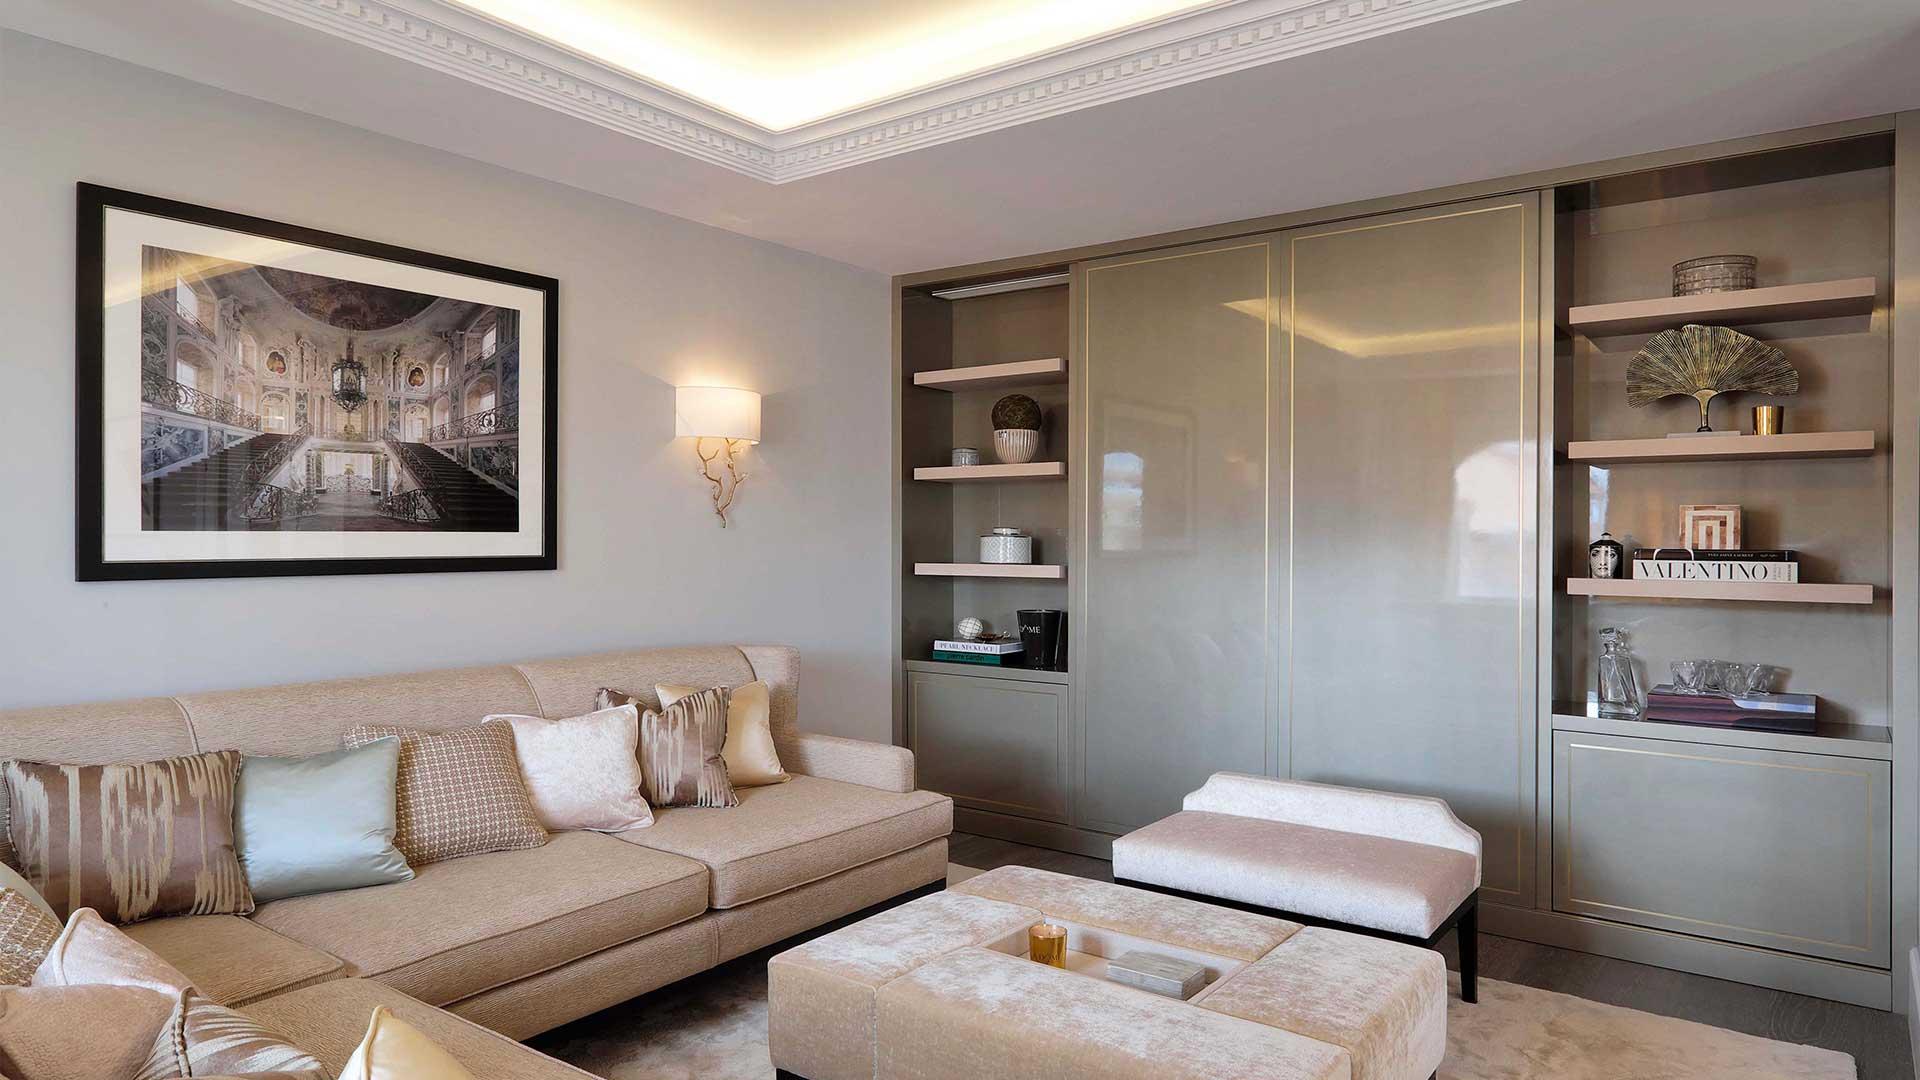 MADRID-RESIDENTIAL-APARTMENT-04-Dome-interior-design-Geneve-Suisse